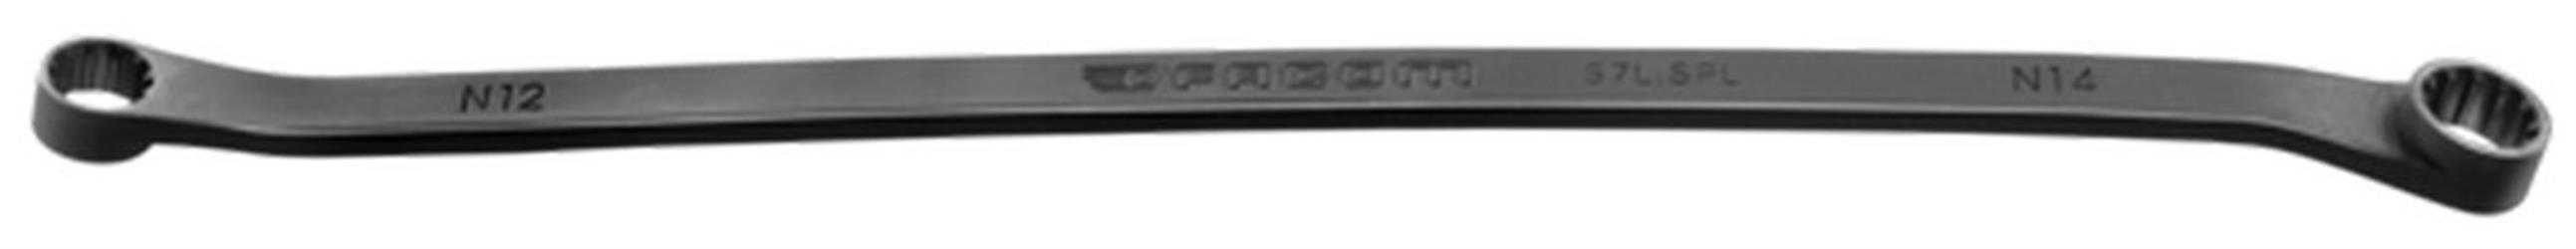 57L.SPL - Llaves poligonales largas contraacodadas